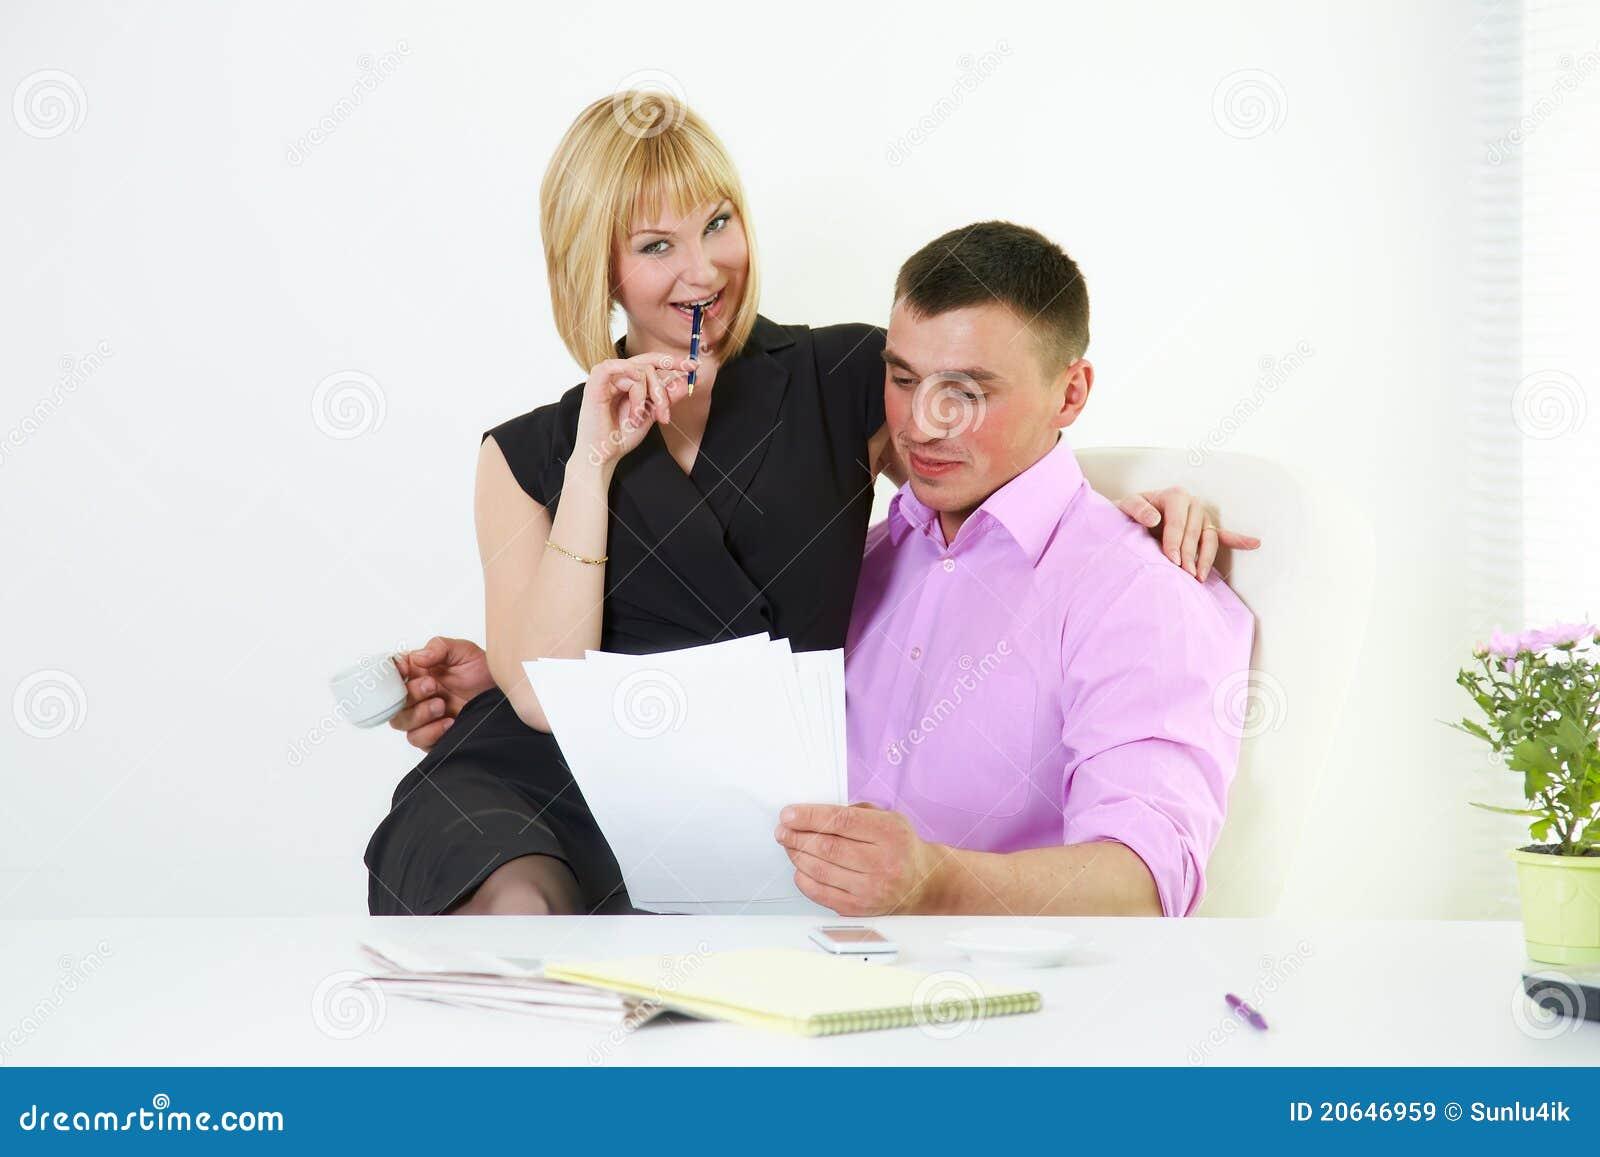 Супружеские пары флирт 4 фотография